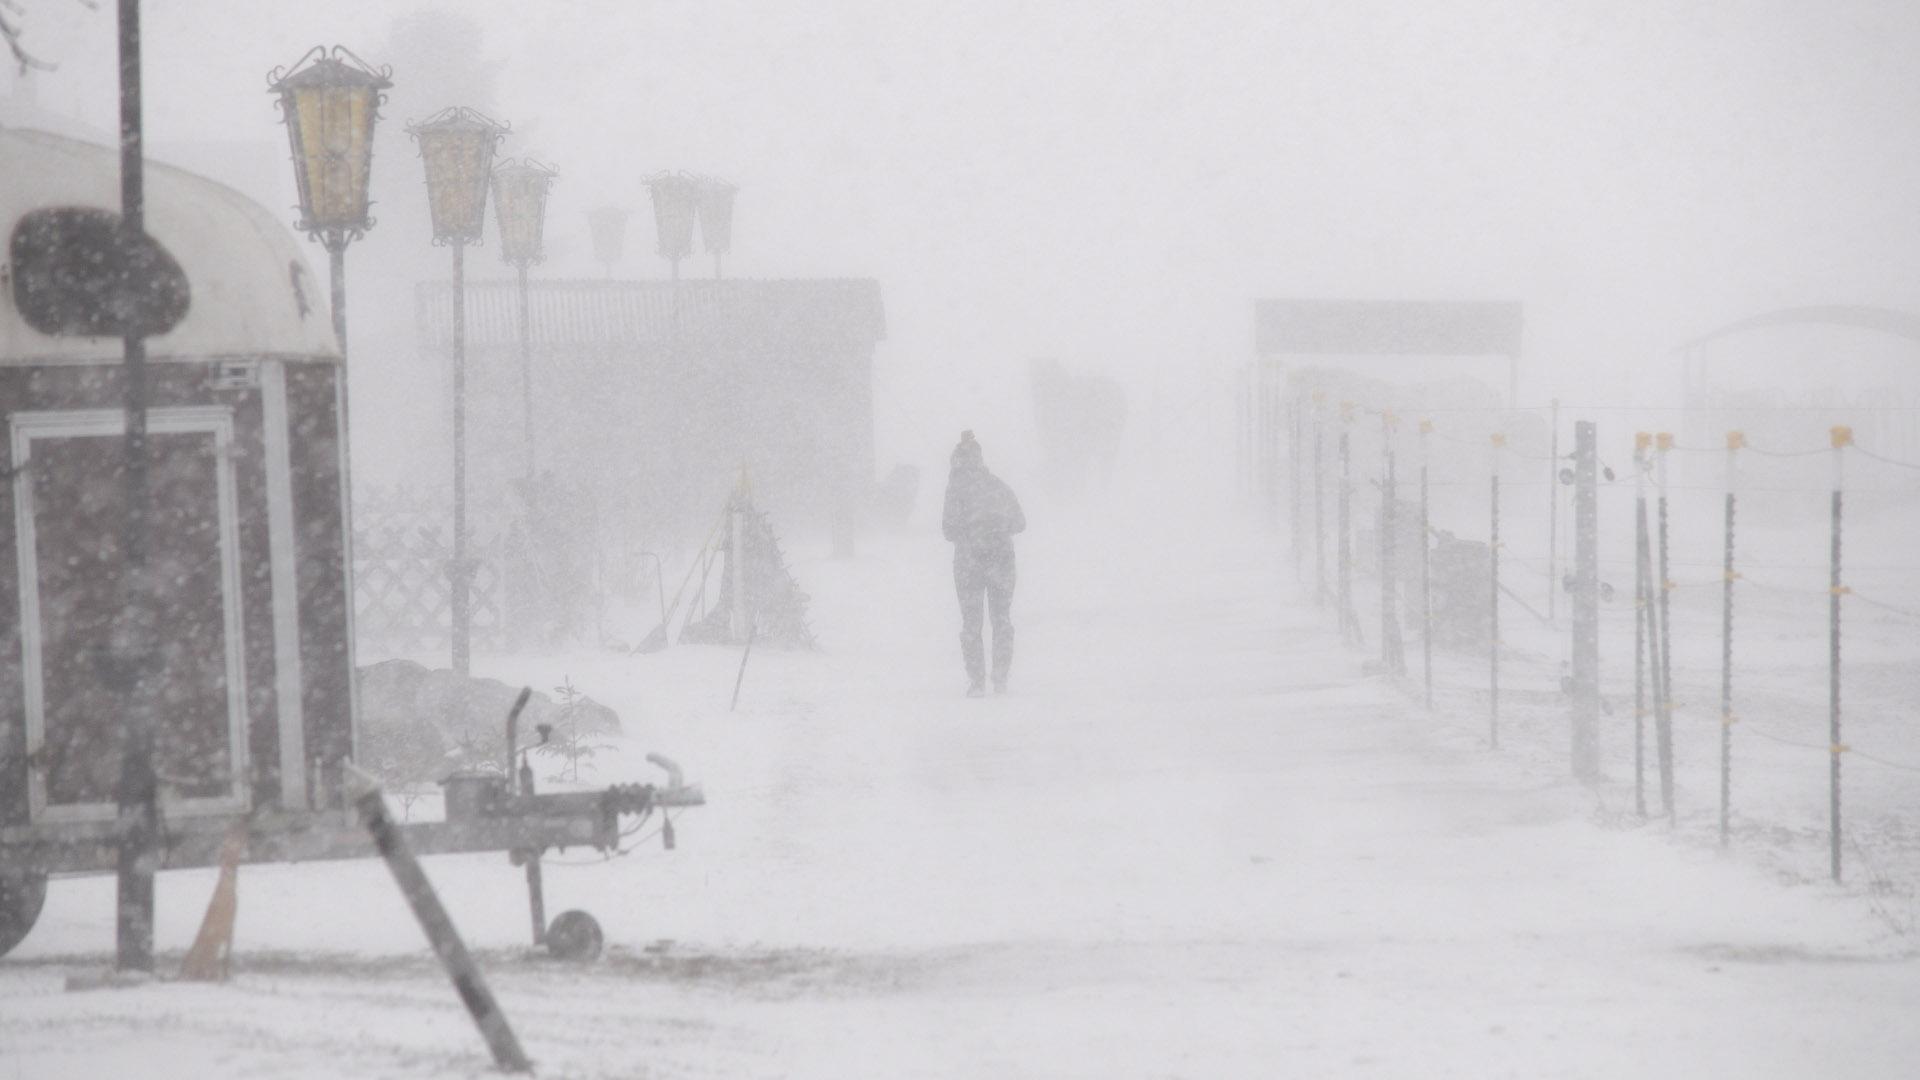 Schneesturm am Reiterhof